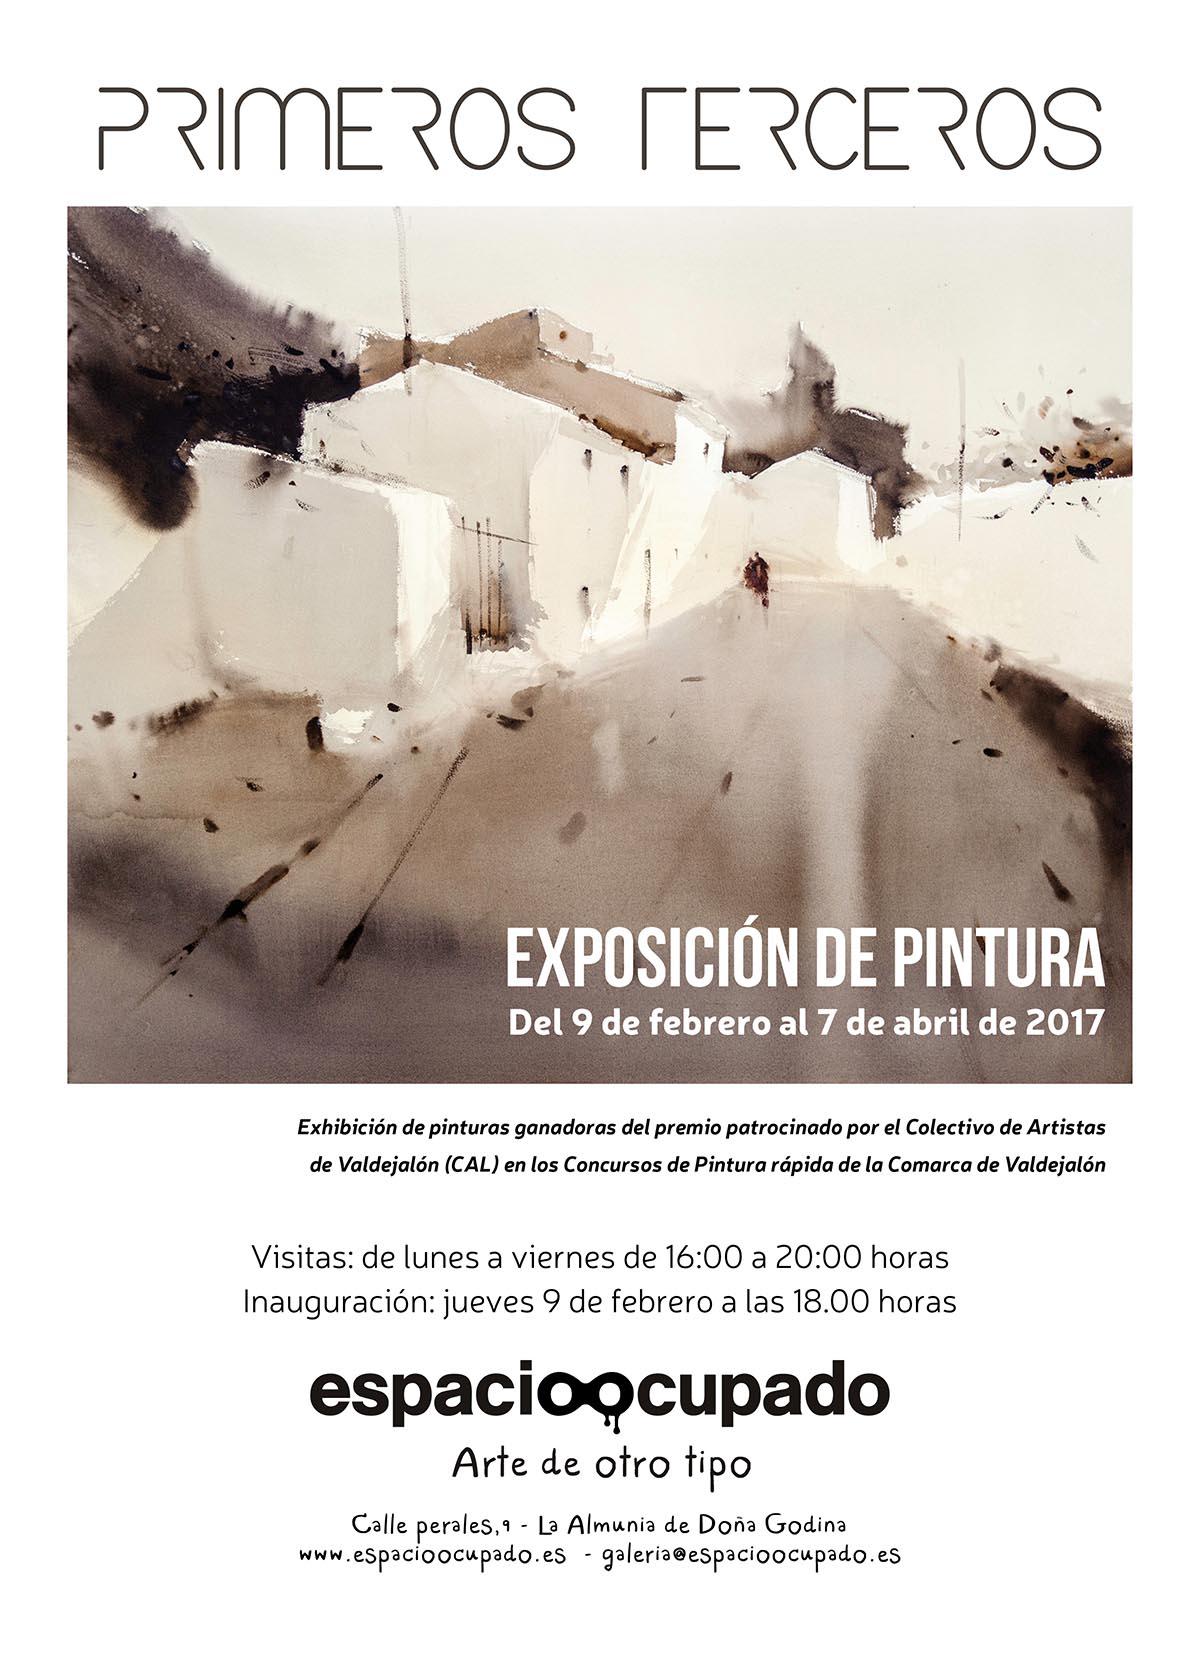 Primeros terceros - Cartel Exposición de pintura - Imagina Arte Gráfico